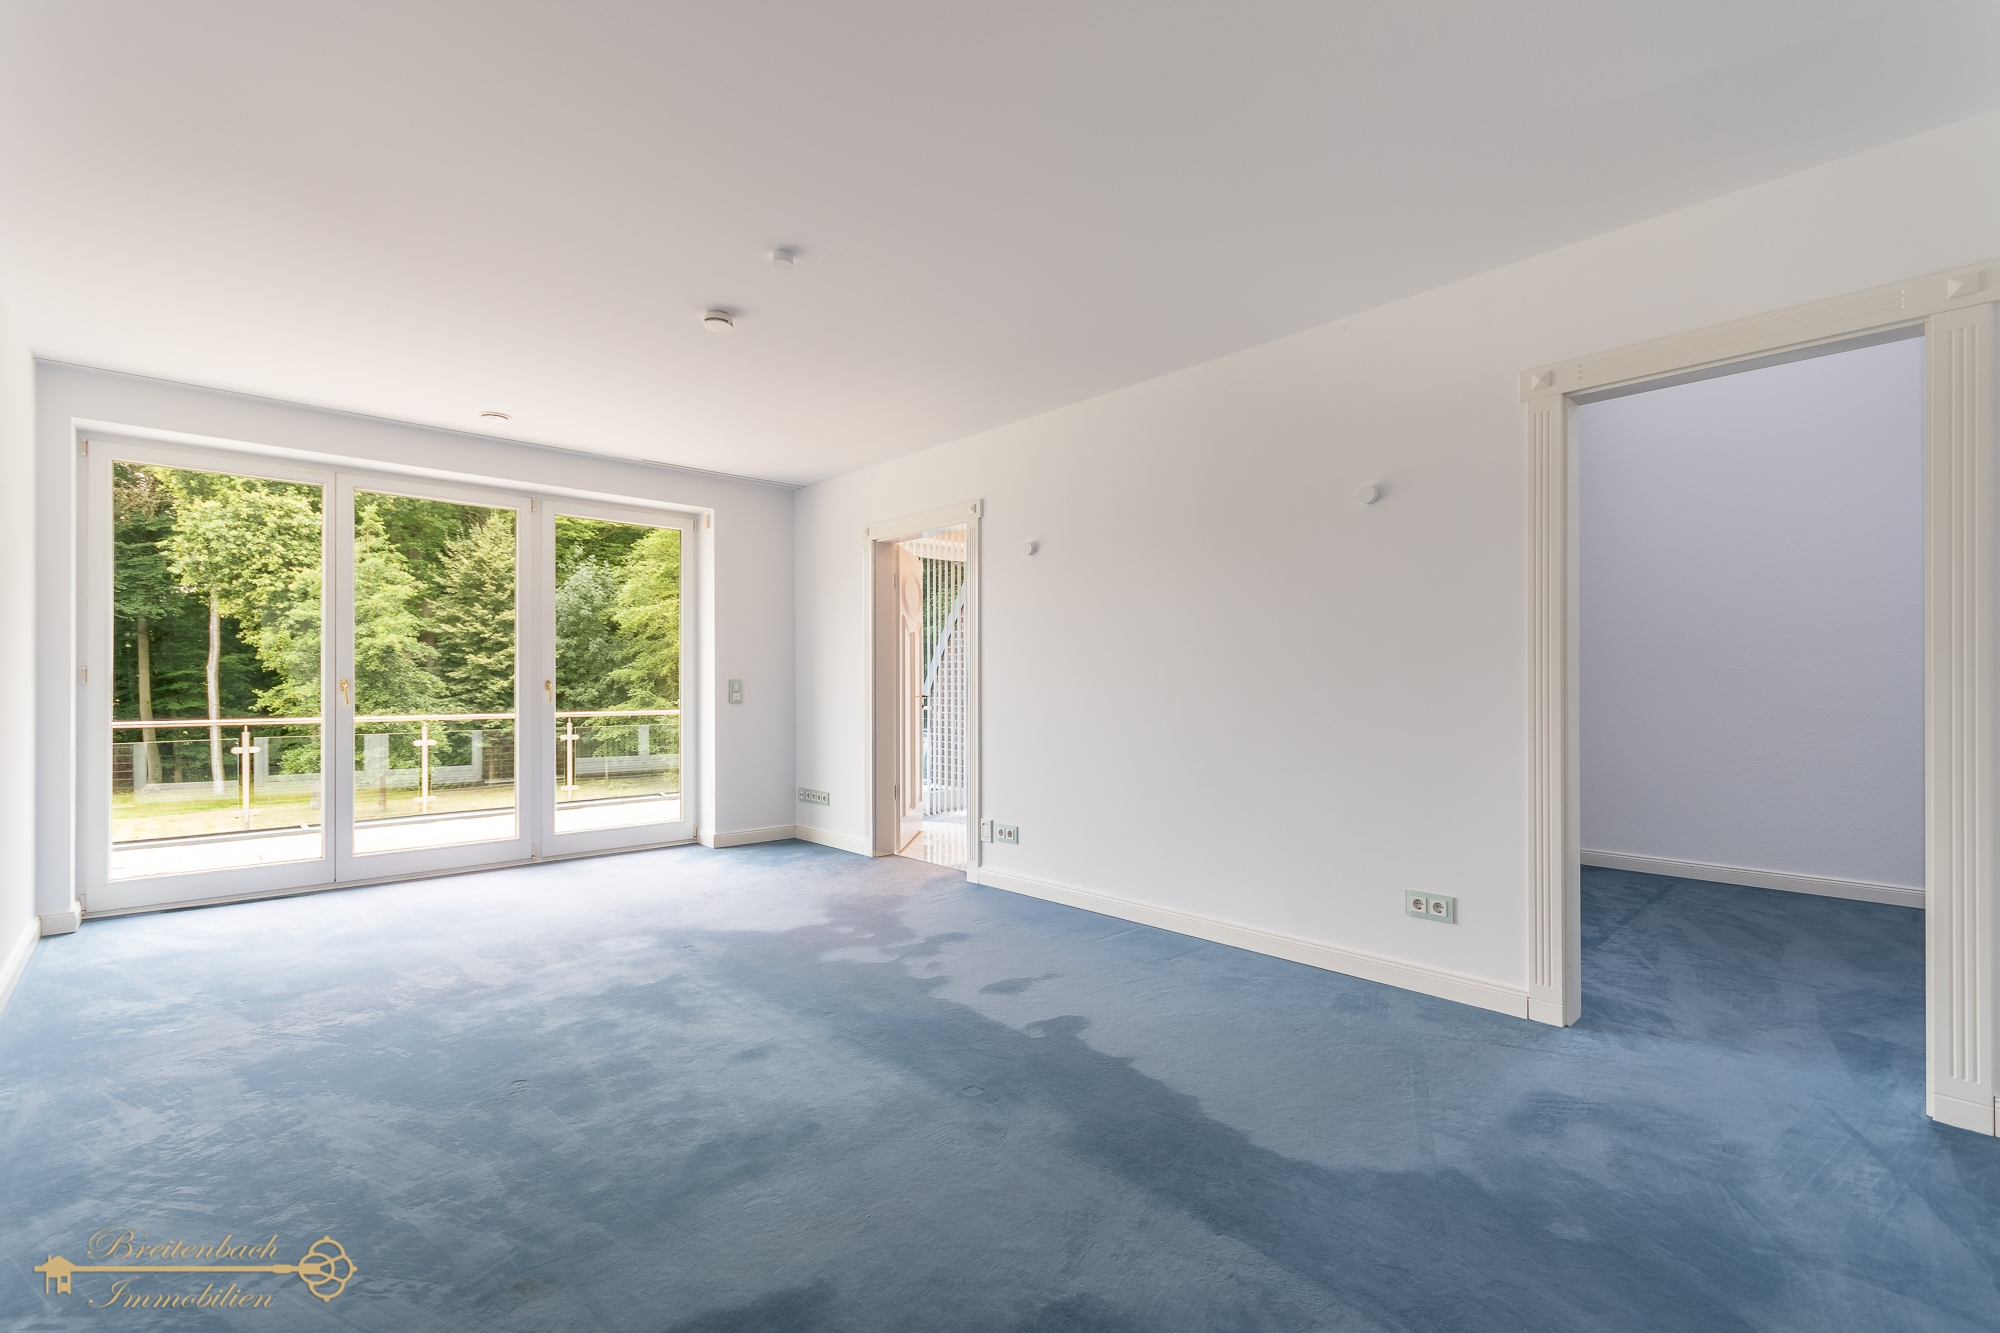 2020-06-24-Breitenbach-Immobilien-30